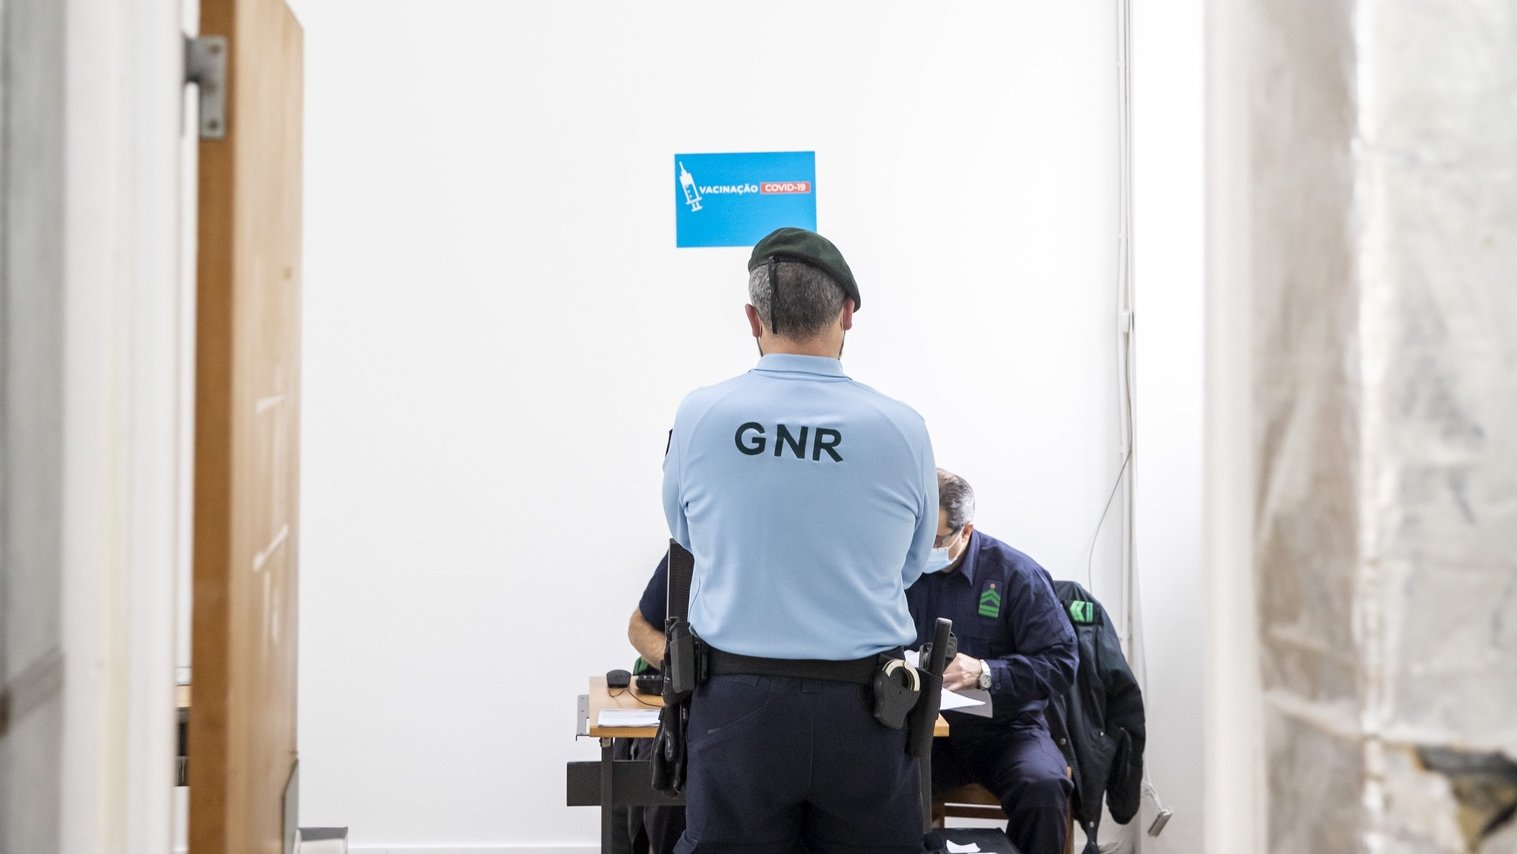 Um militar da Guarda Nacional Republicana aguarda para receber a vacina contra a Covid19, no Quartel de Conde de Lipe, em Lisboa, 13 de fevereiro de 2021. JOSÉ SENA GOULÃO/LUSA